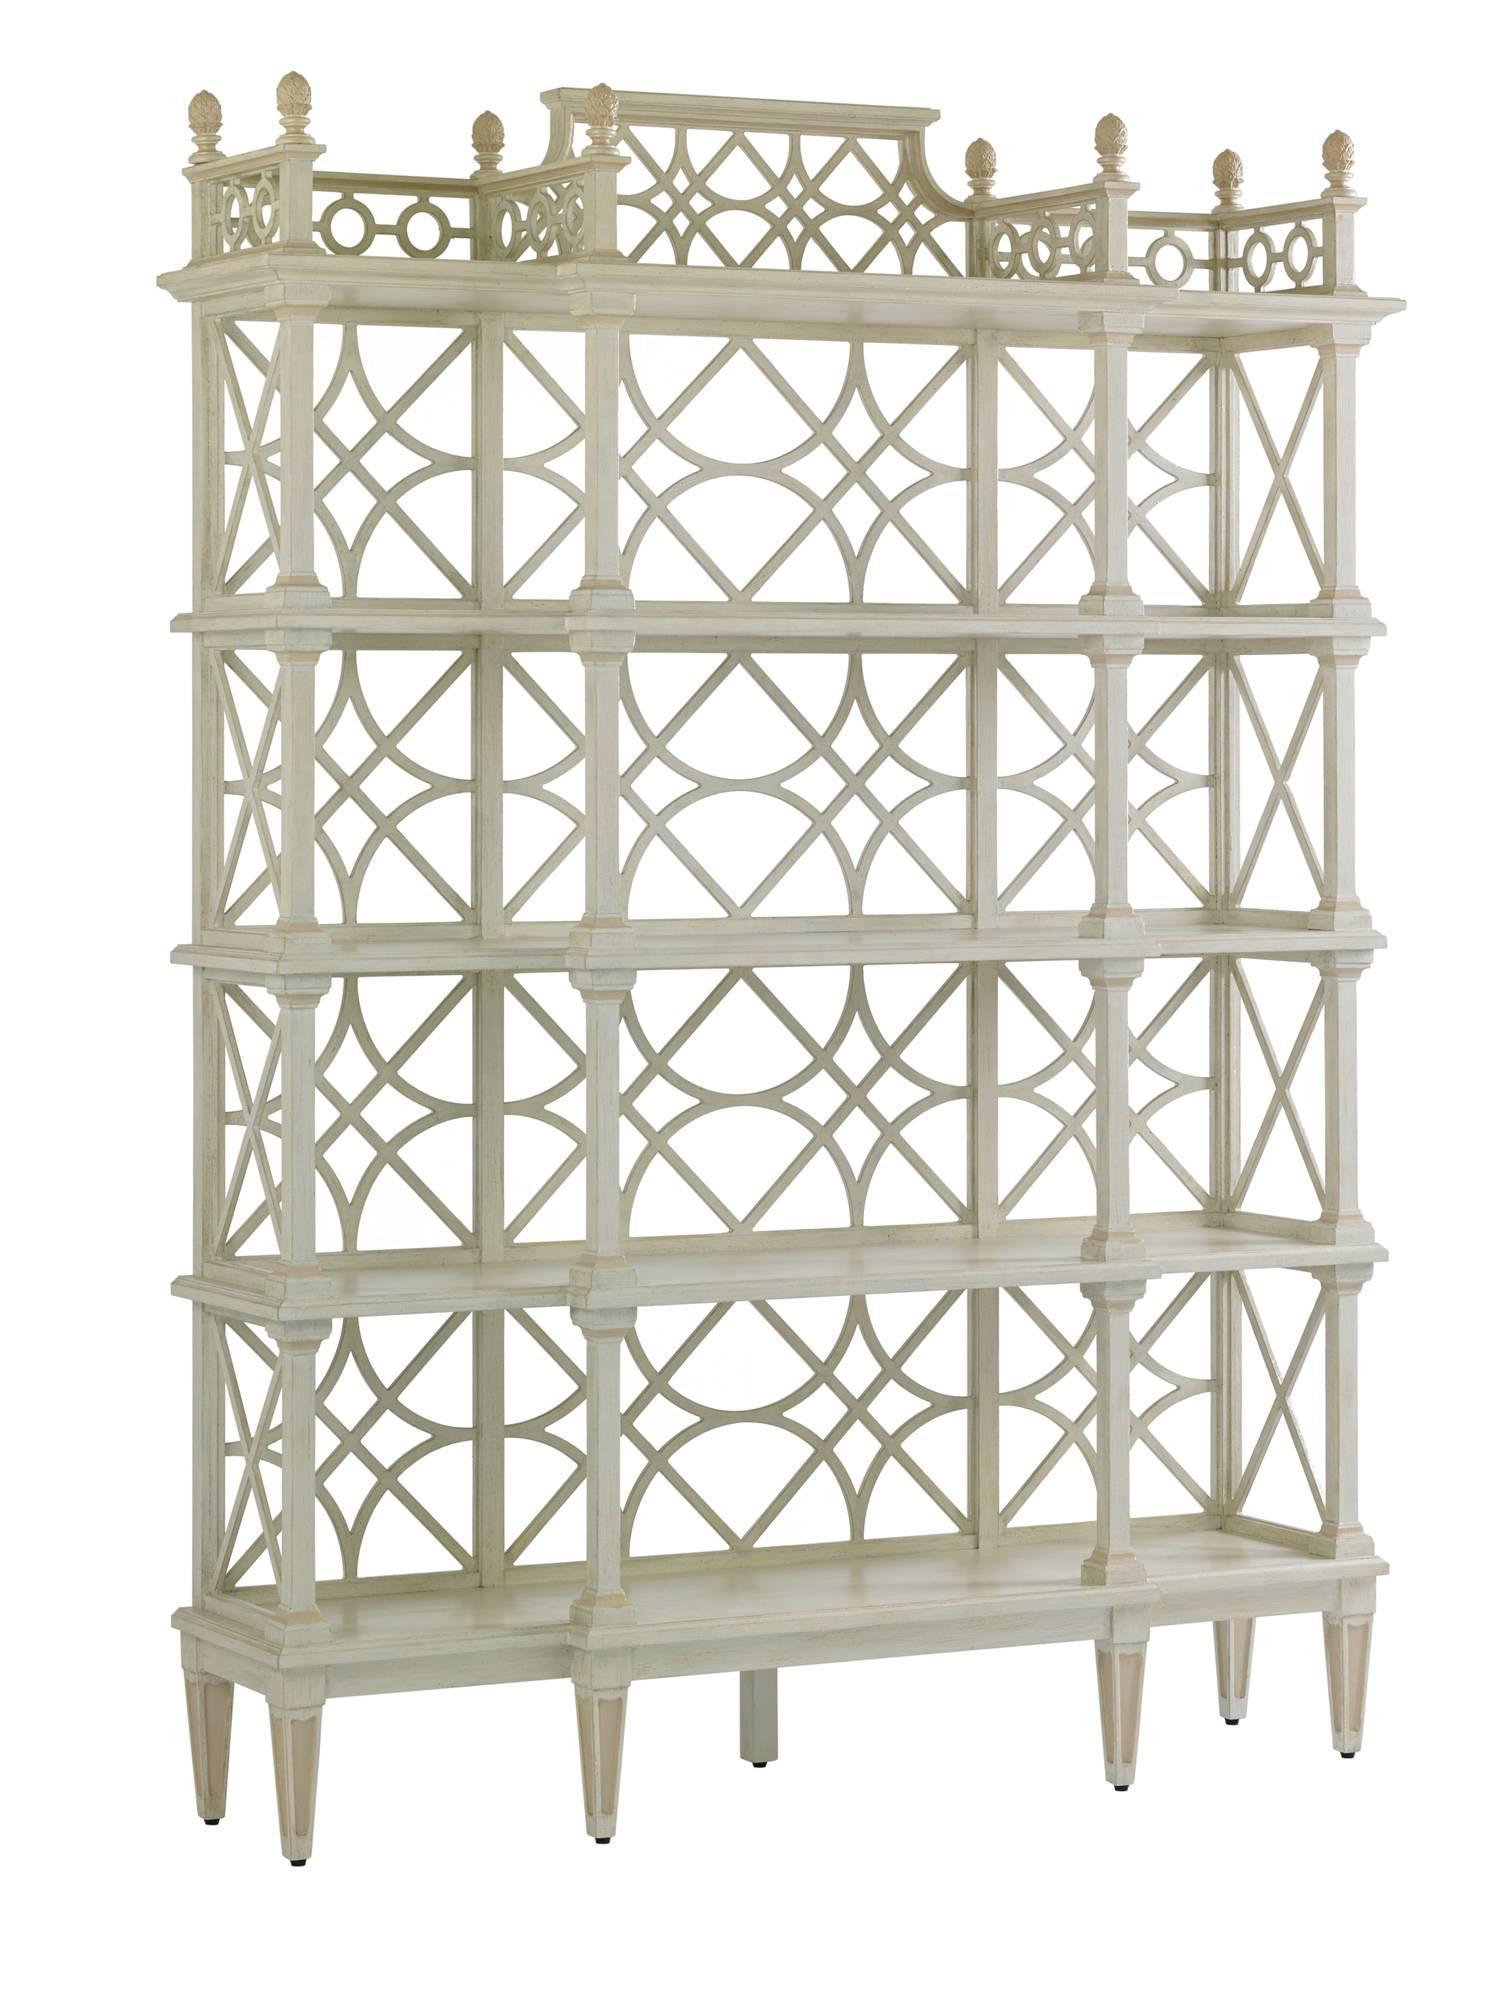 Stanley Furniture Preserve Botany Etagere - Item Number: 340-21-18